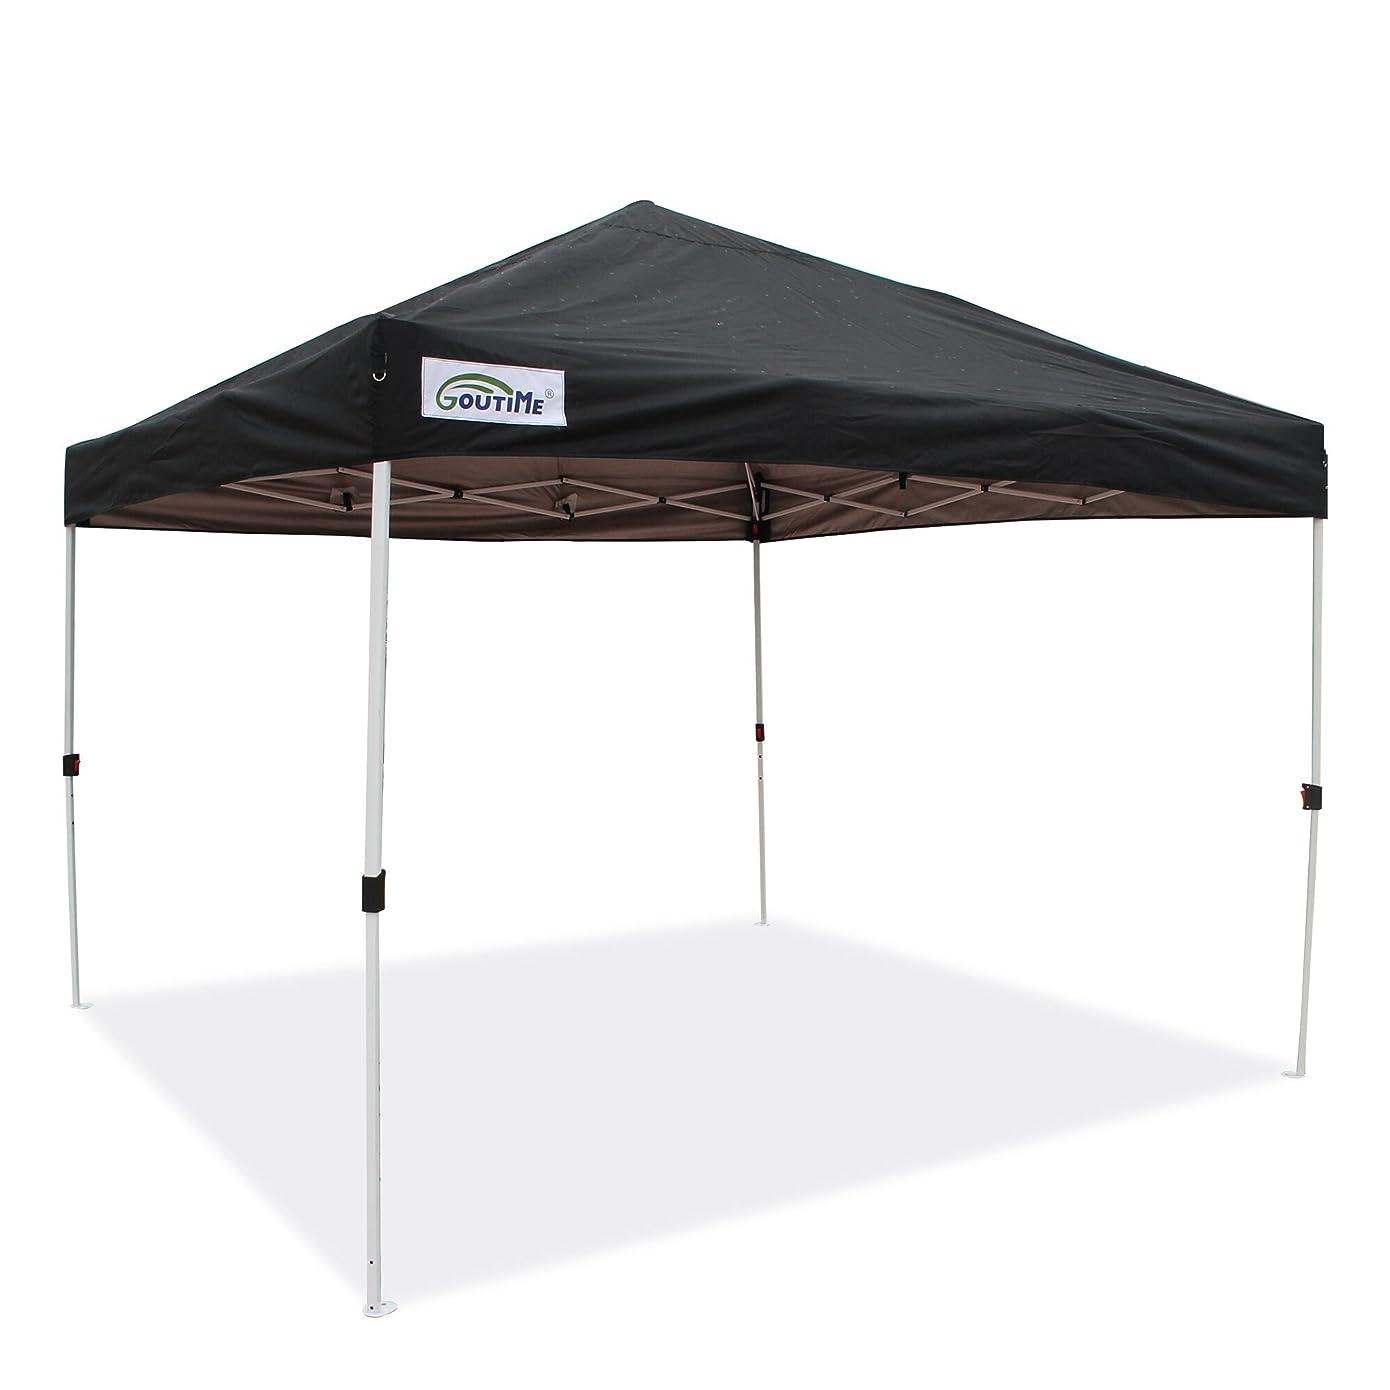 スイング夏熟した組立て簡単!ワンタッチタープテント 3m/6m イベント用テント スチールフレーム 高耐水加工&シルバーUVカットコーティング 紫外線カット 遮熱日除け ホィールバッグ付き 持ち運び便利 ウエイトバッグ テント重し